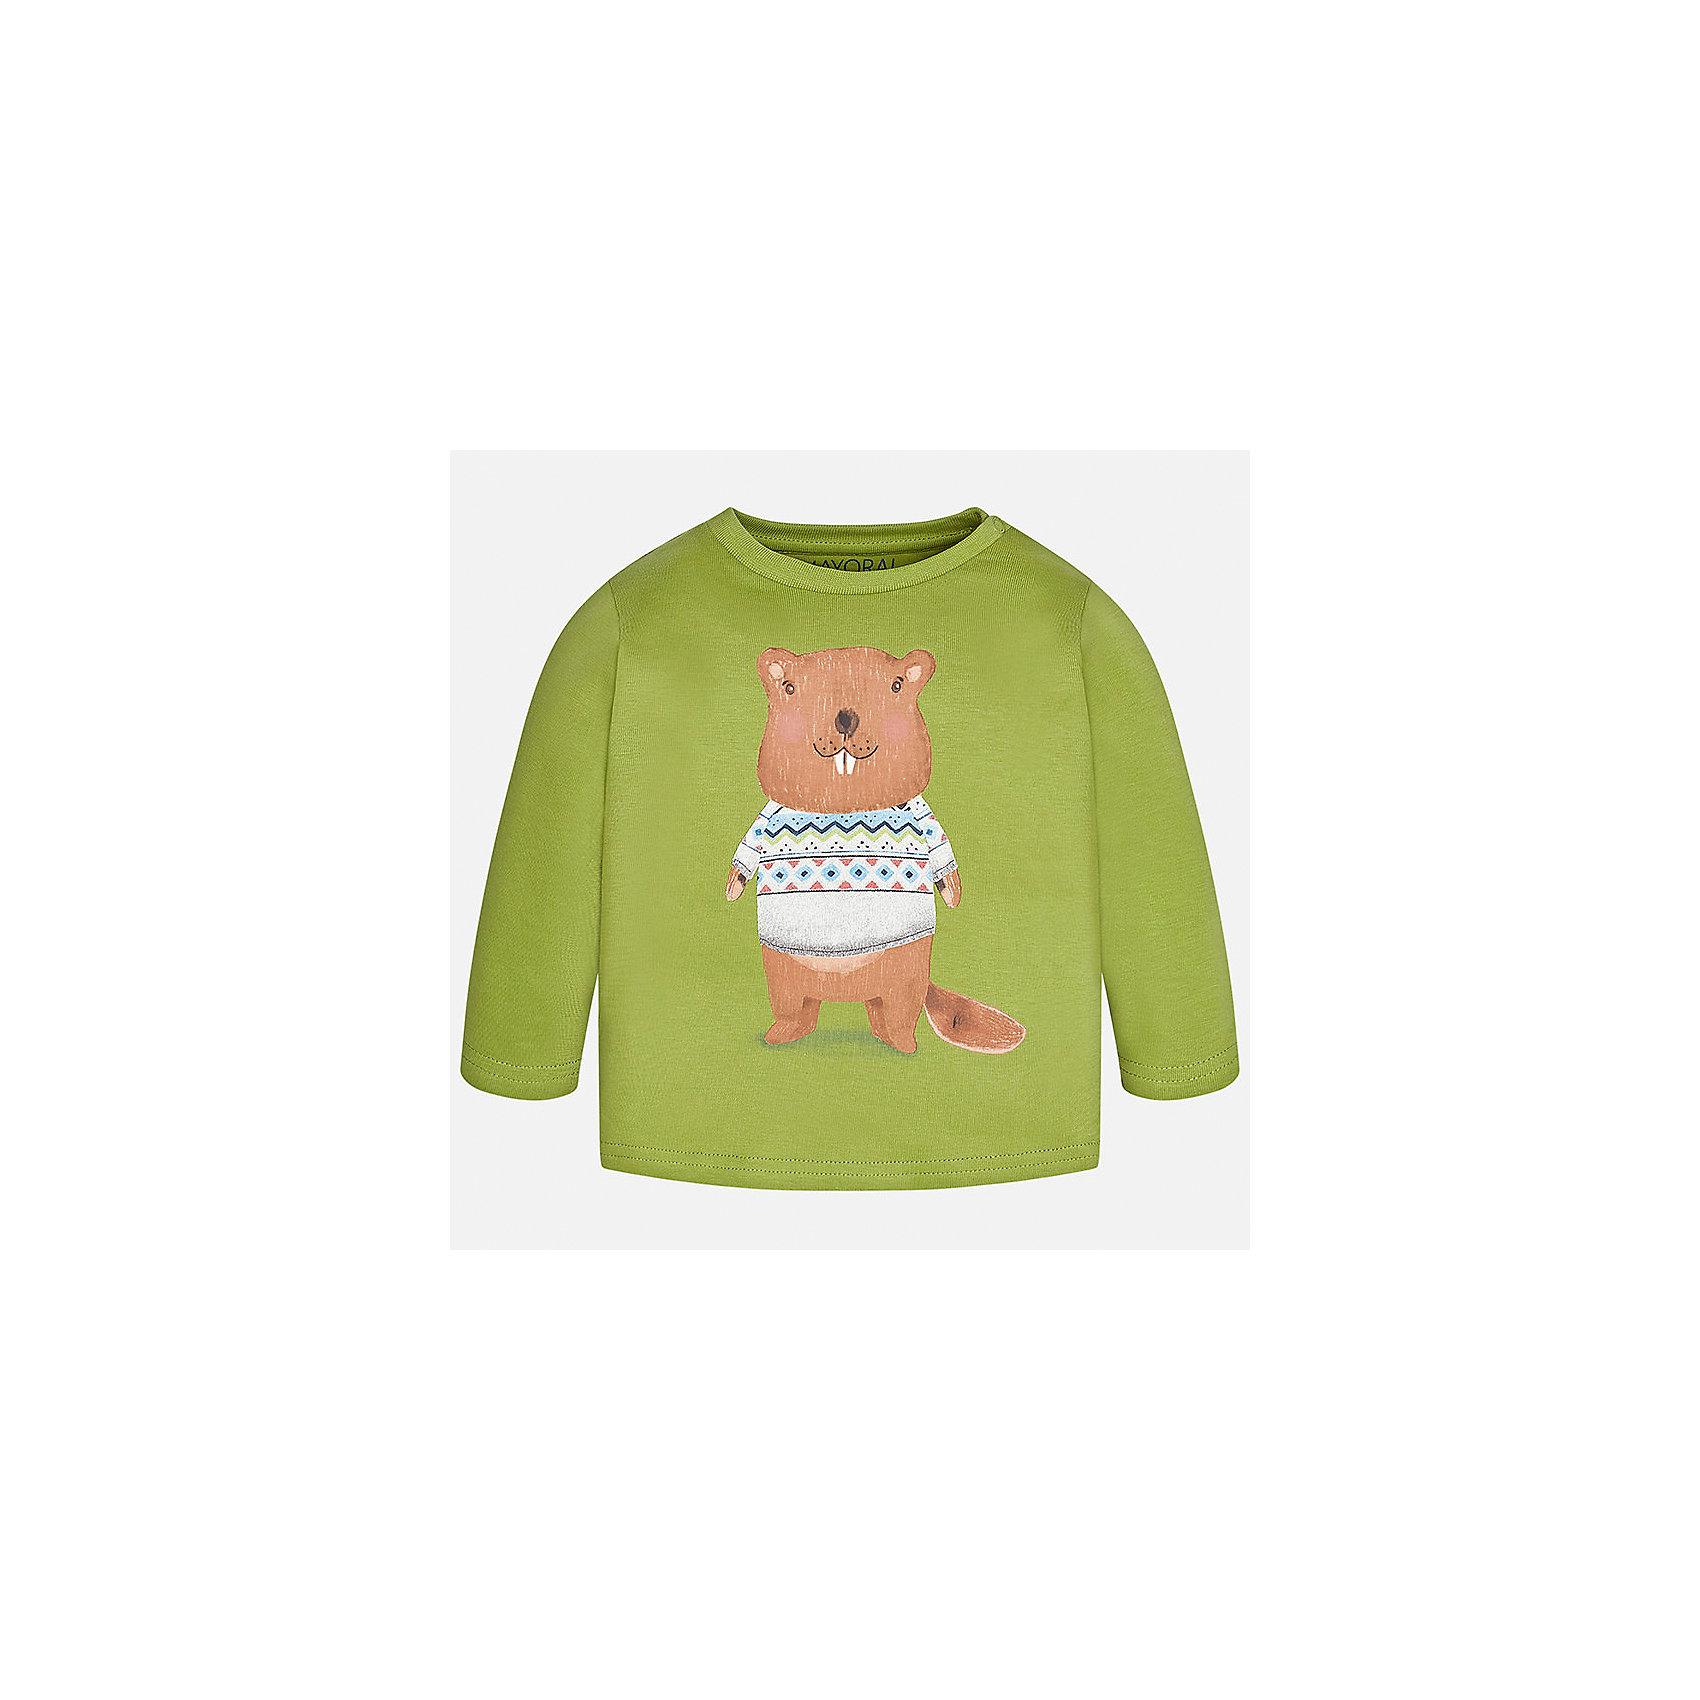 Футболка с длинным рукавом Mayoral для мальчикаФутболки с длинным рукавом<br>Характеристики товара:<br><br>• цвет: зеленый;<br>• состав ткани: 100% хлопок;<br>• длинный рукав;<br>• рисунок: принт;<br>• кнопка на воротнике;<br>• сезон: демисезон;<br>• страна бренда: Испания;<br>• страна изготовитель: Индия.<br><br>Лонгслив для мальчика от популярного бренда Mayoral  выполнен из натурального хлопка, ткань эластичная и приятная на ощупь. Однотонная модель декорирована принтом с изображением веселого бобра, имеет круглый вырез и дополнен кнопками по плечевому шву для удобства переодевания малыша.  <br><br>Очень практичная и долгая в носке модель, цвет не тускнеет, смотрится аккуратно и стильно. Лонгслив зеленого цвета идеально пододойдет для повседневной одежды  для дома, так и на прогулку.<br><br>Для производства детской одежды популярный бренд Mayoral используют только качественную фурнитуру и материалы. Оригинальные и модные вещи от Майорал неизменно привлекают внимание и нравятся детям.<br><br>Лонгслив для мальчика Mayoral (Майорал) можно купить в нашем интернет-магазине.<br><br>Ширина мм: 230<br>Глубина мм: 40<br>Высота мм: 220<br>Вес г: 250<br>Цвет: бежевый<br>Возраст от месяцев: 24<br>Возраст до месяцев: 36<br>Пол: Мужской<br>Возраст: Детский<br>Размер: 98,74,80,86,92<br>SKU: 6932386